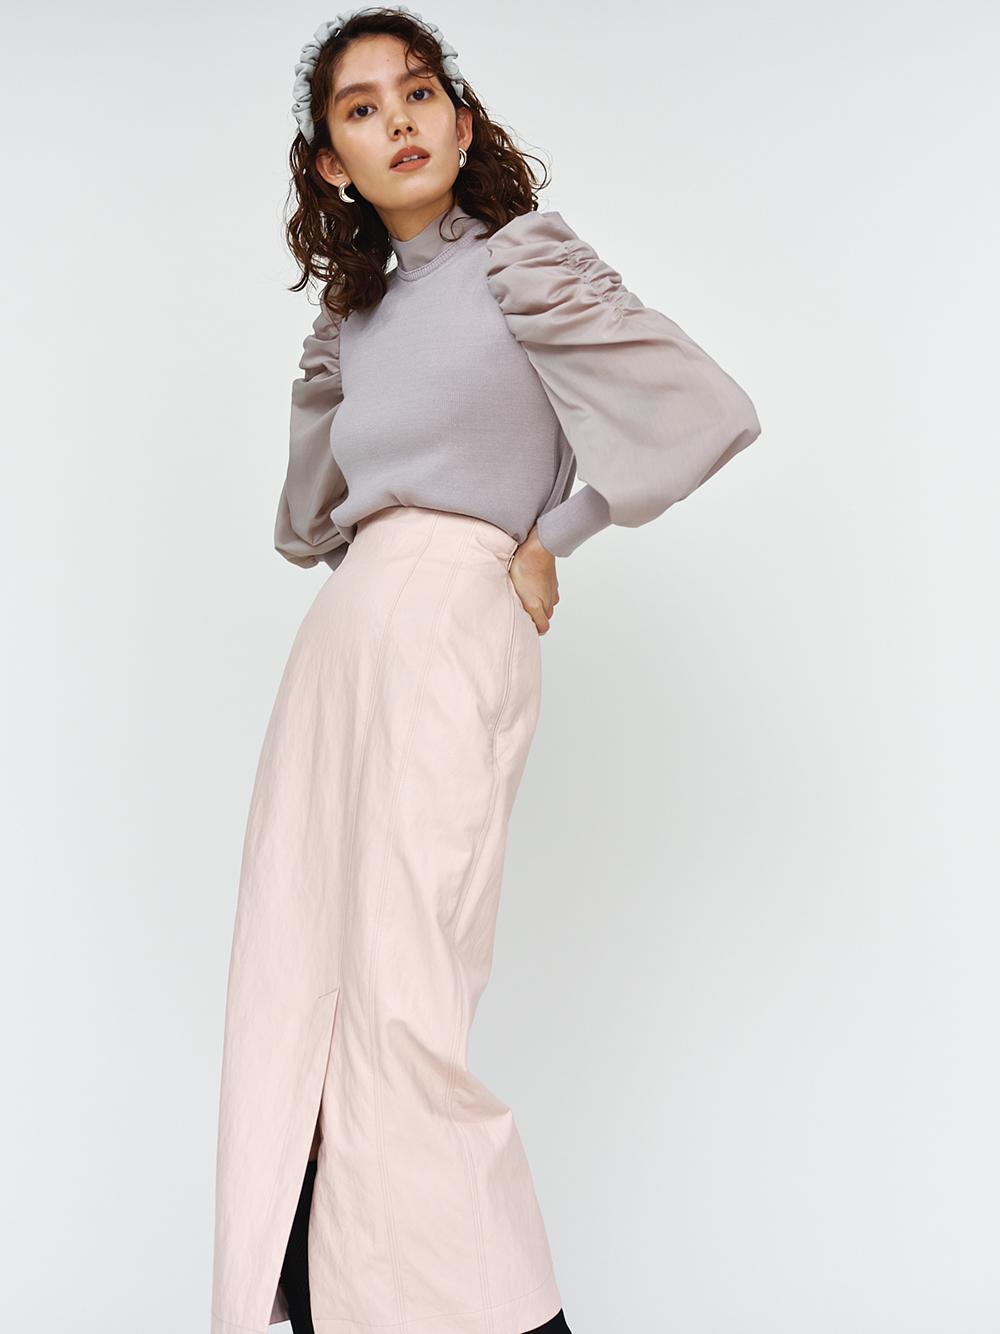 FAUXレザータイトスカート(PNK-0)